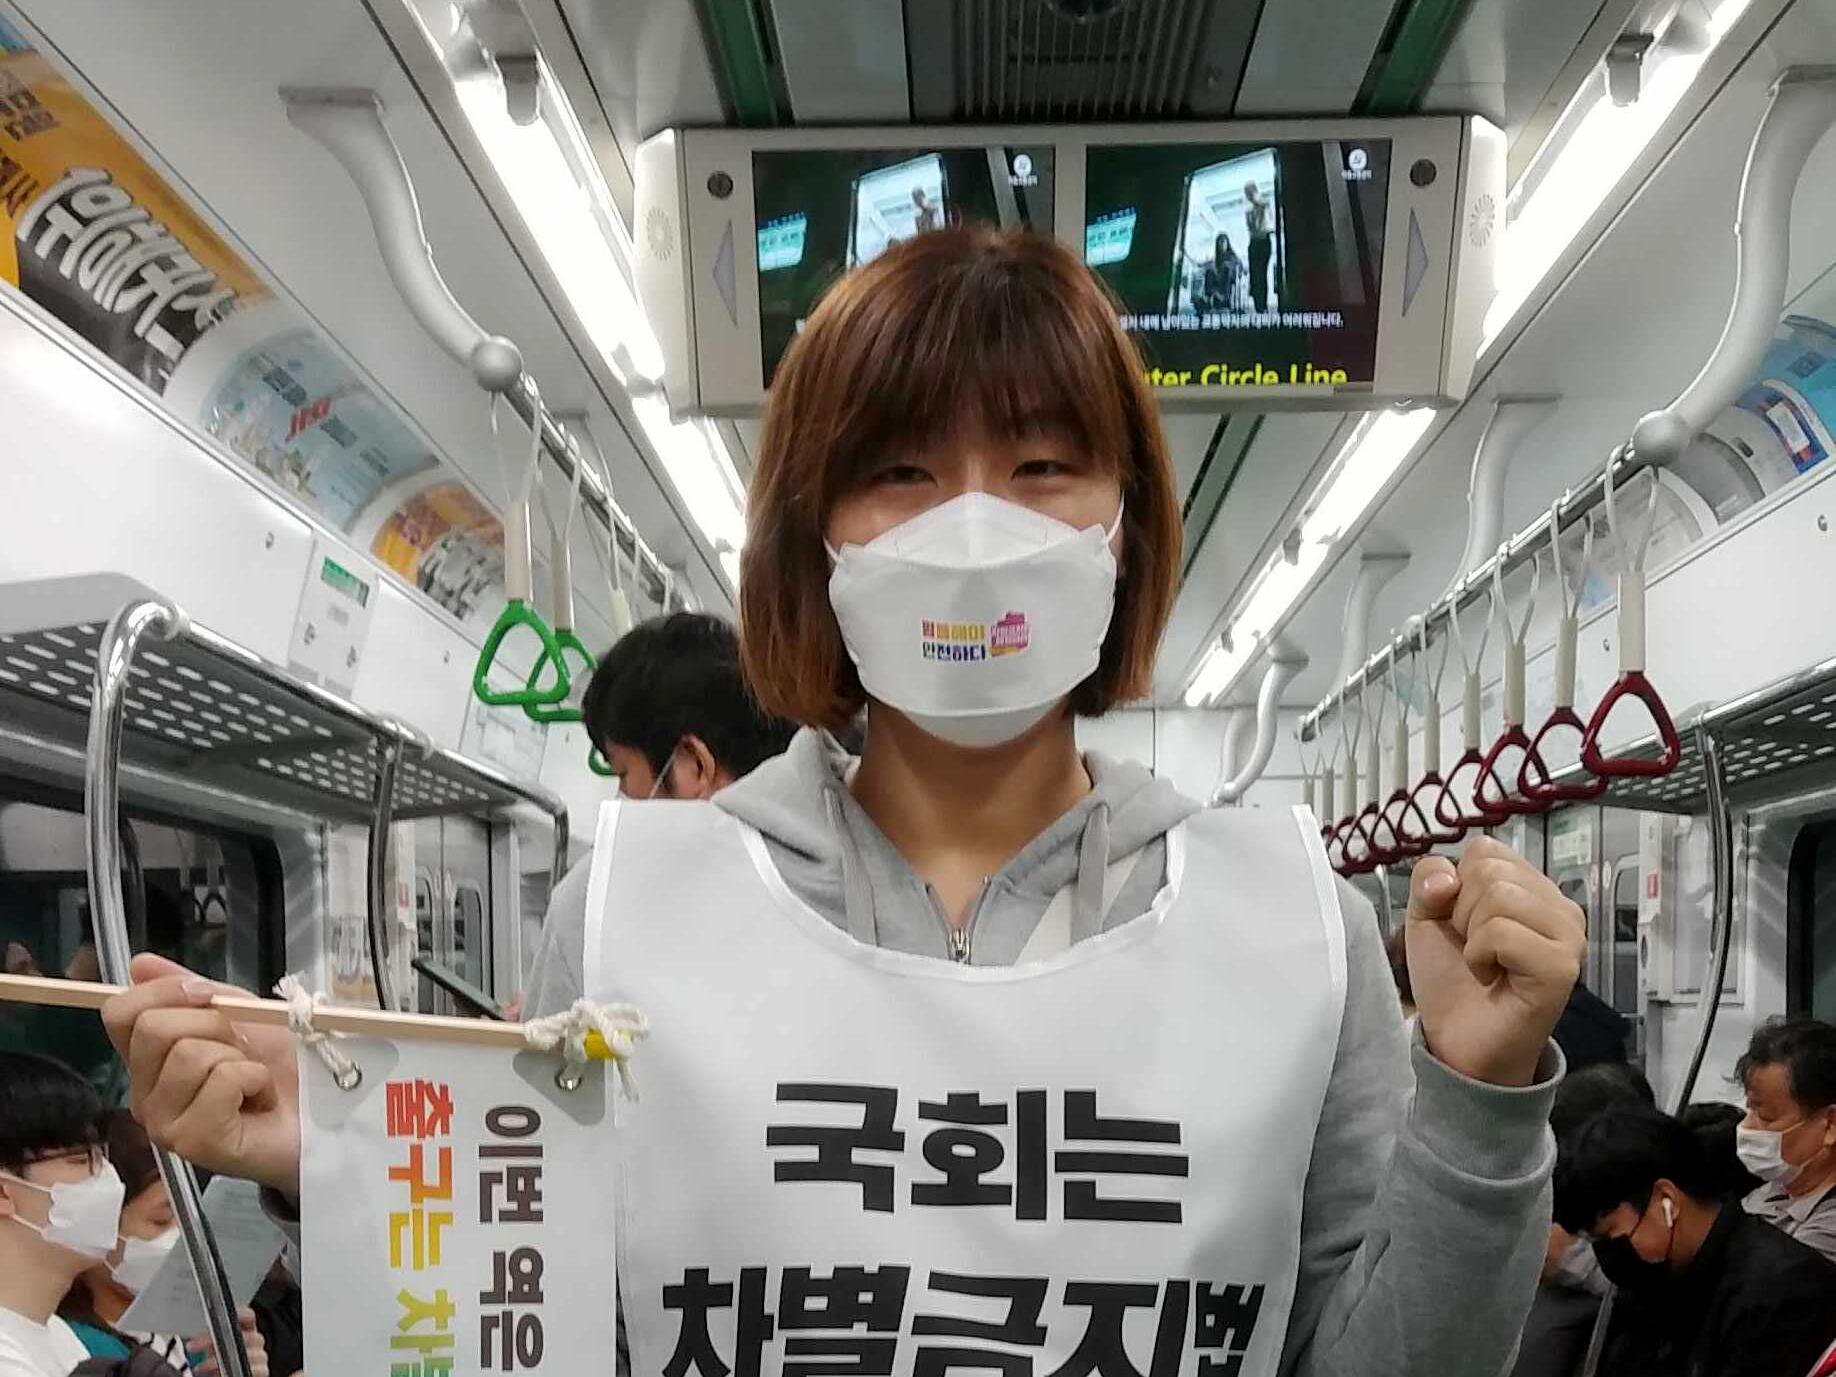 희망법 박한희 변호사의 차별금지법 제정 지하철 활동 현장 모습